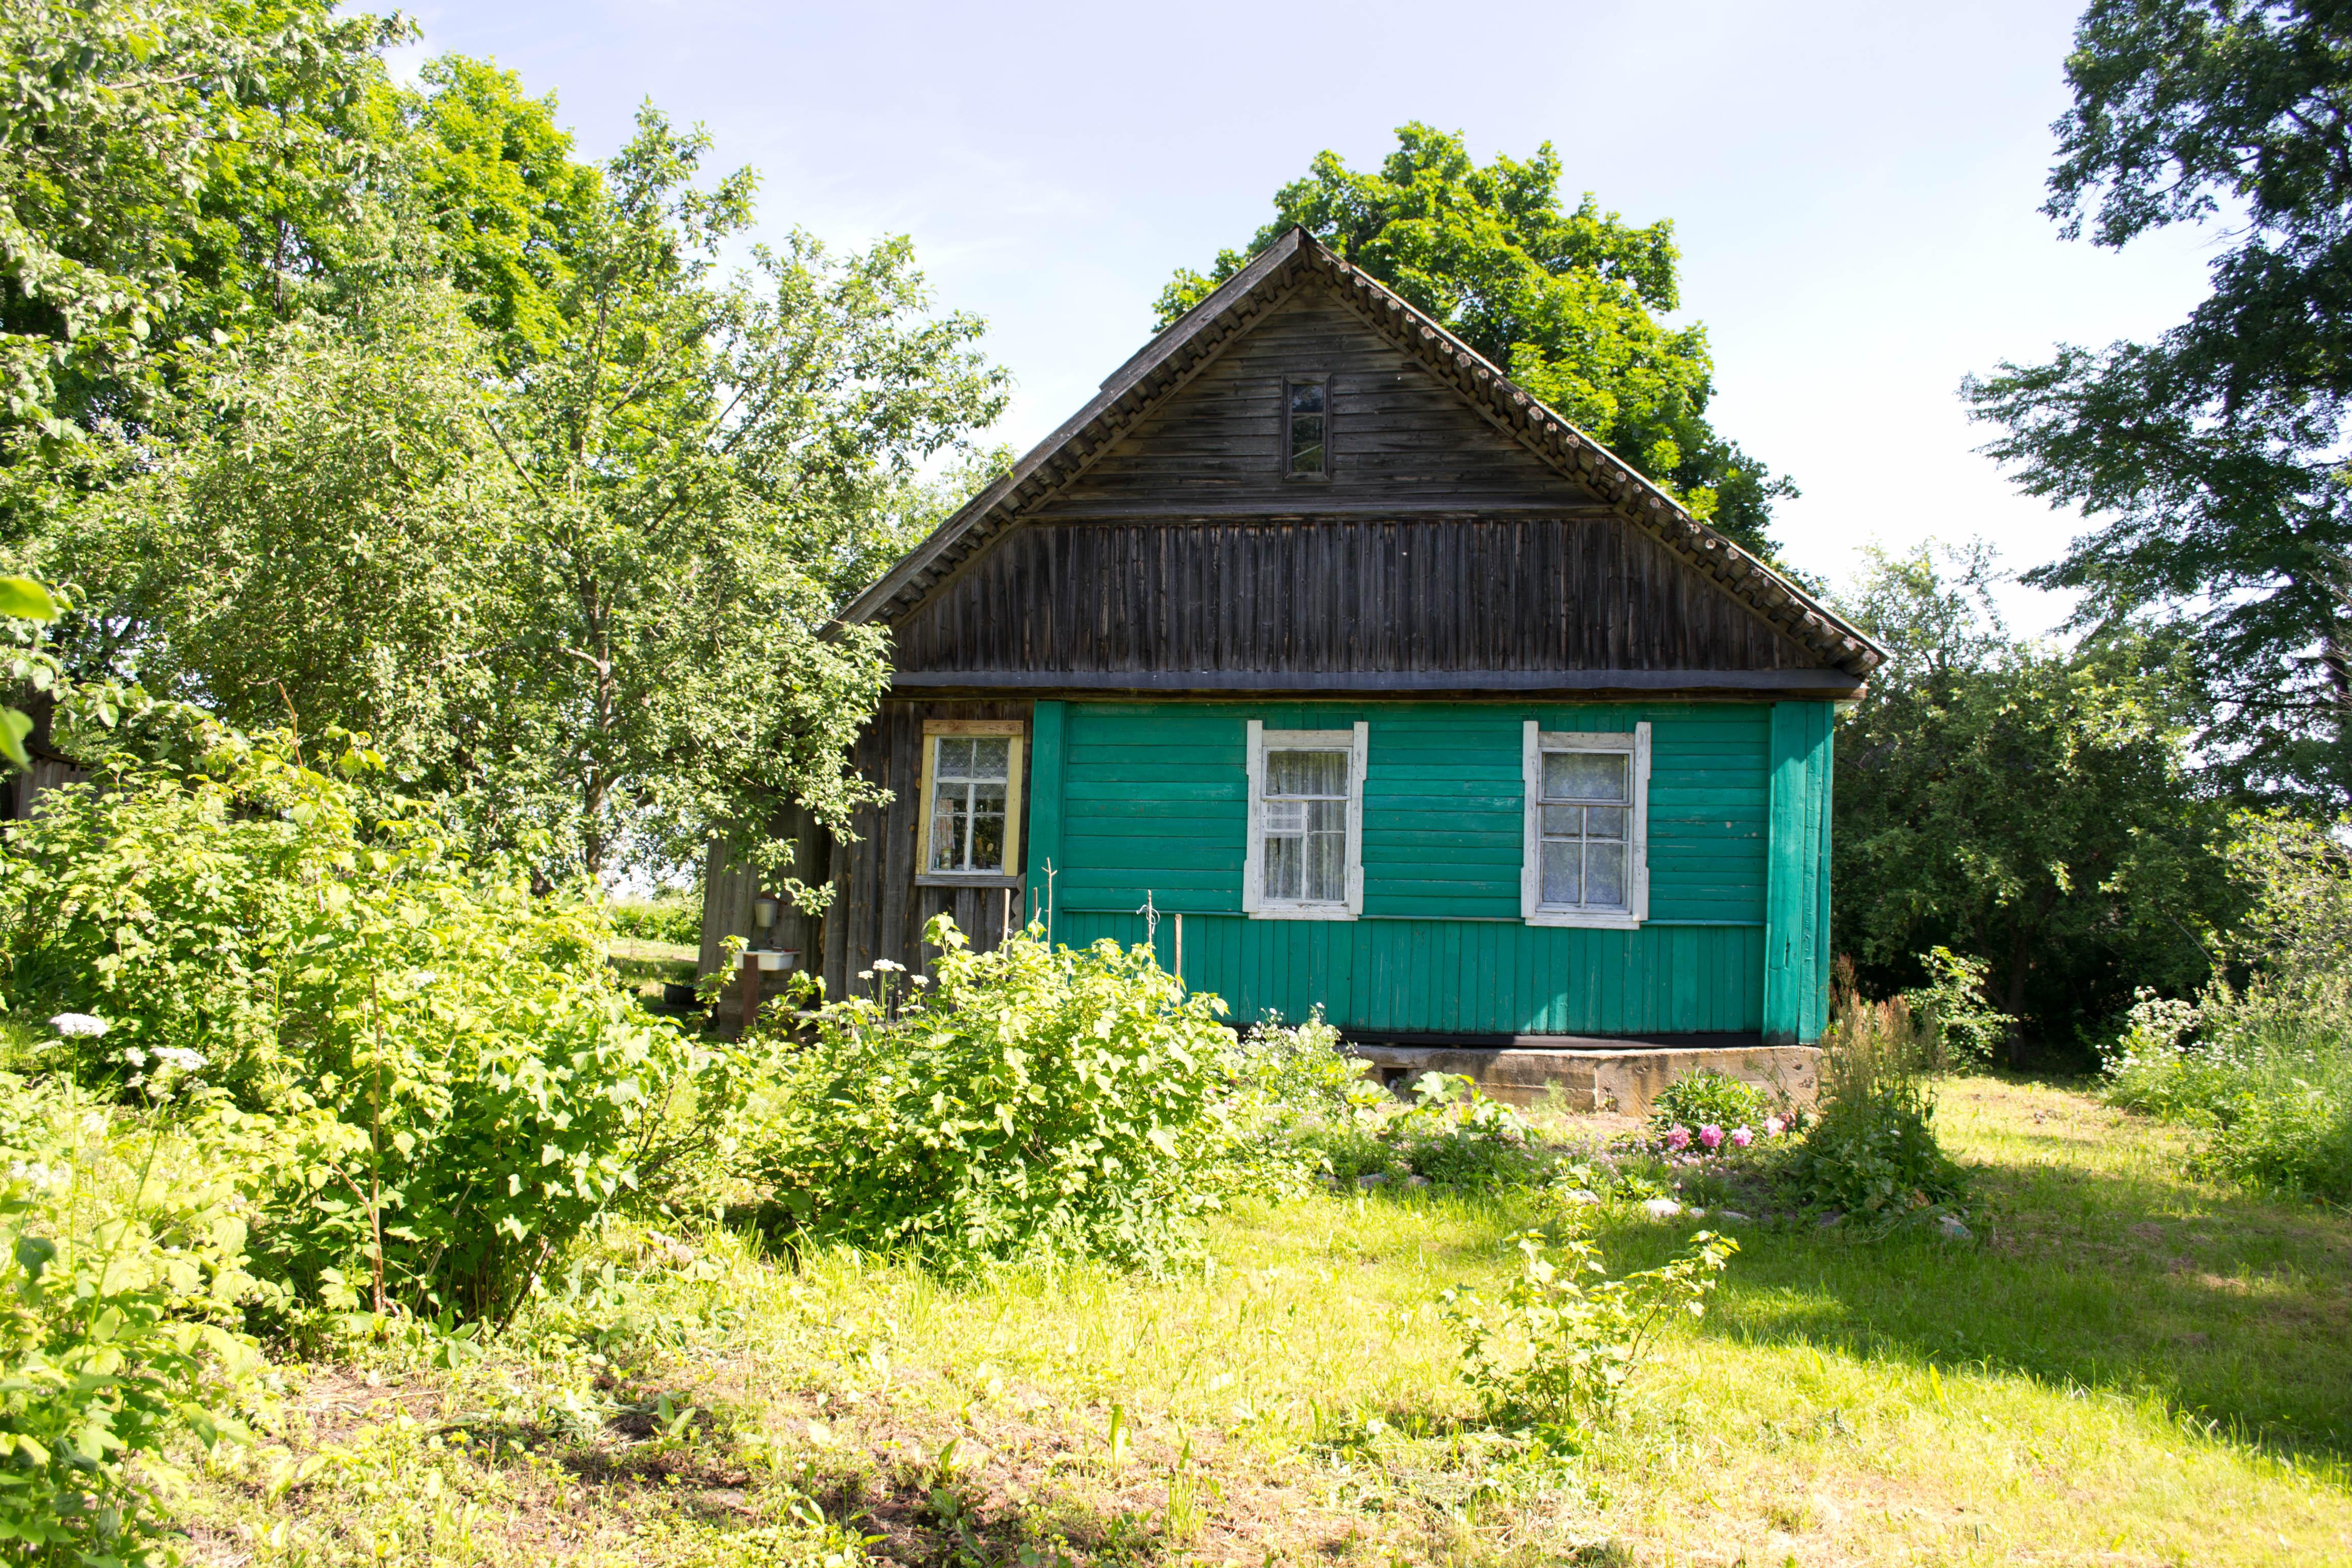 избавиться разлучницы сниму дом на лето в деревне автобусов маршруту